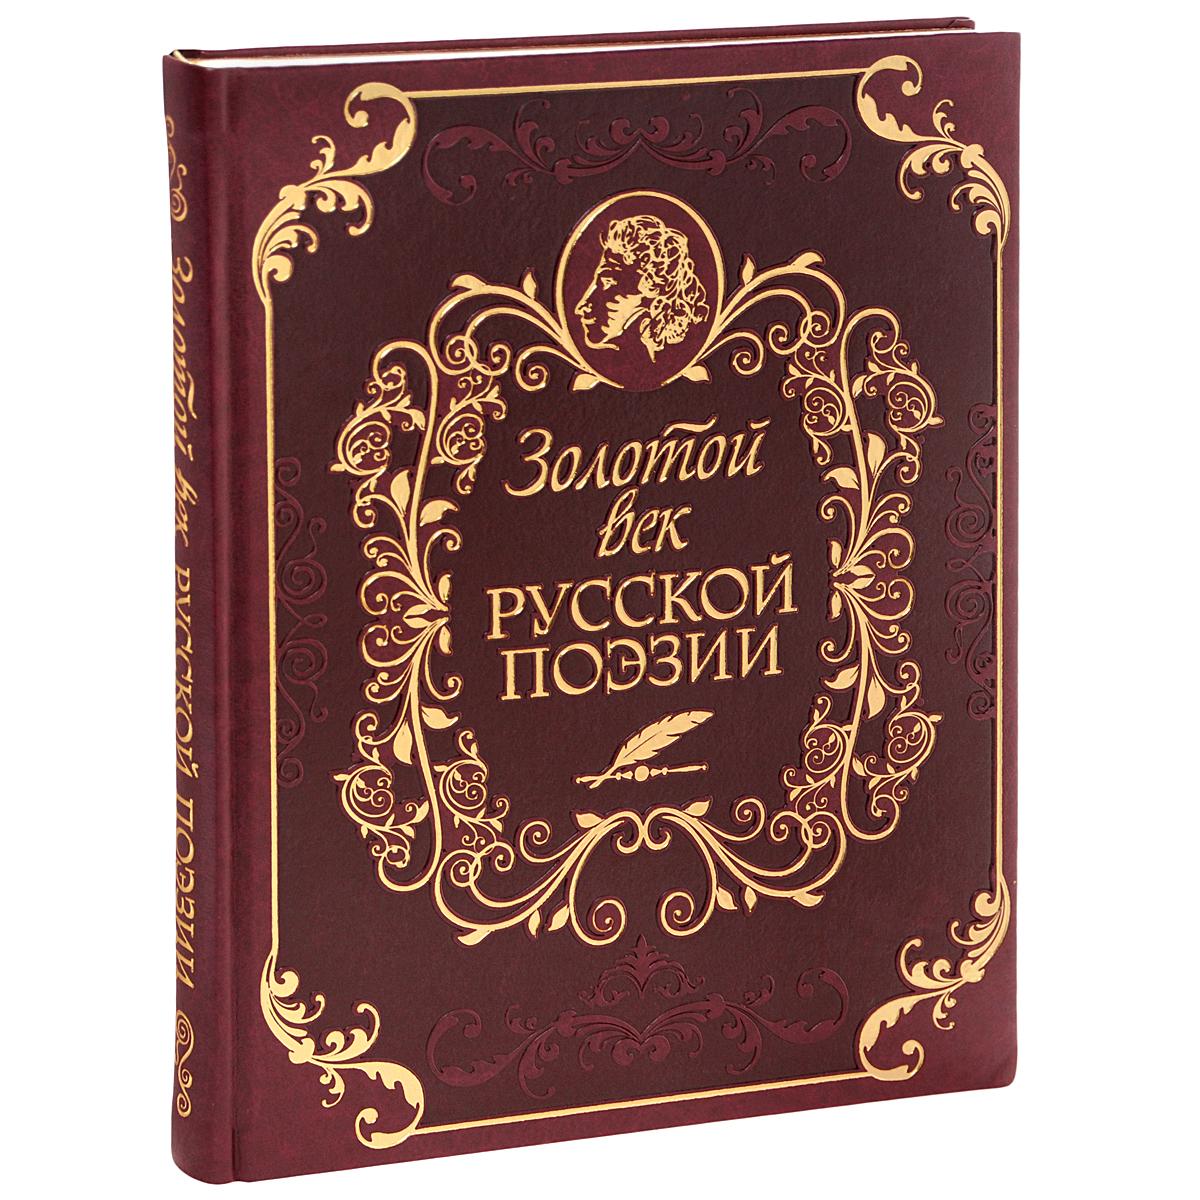 Золотой век русской поэзии (подарочное издание)